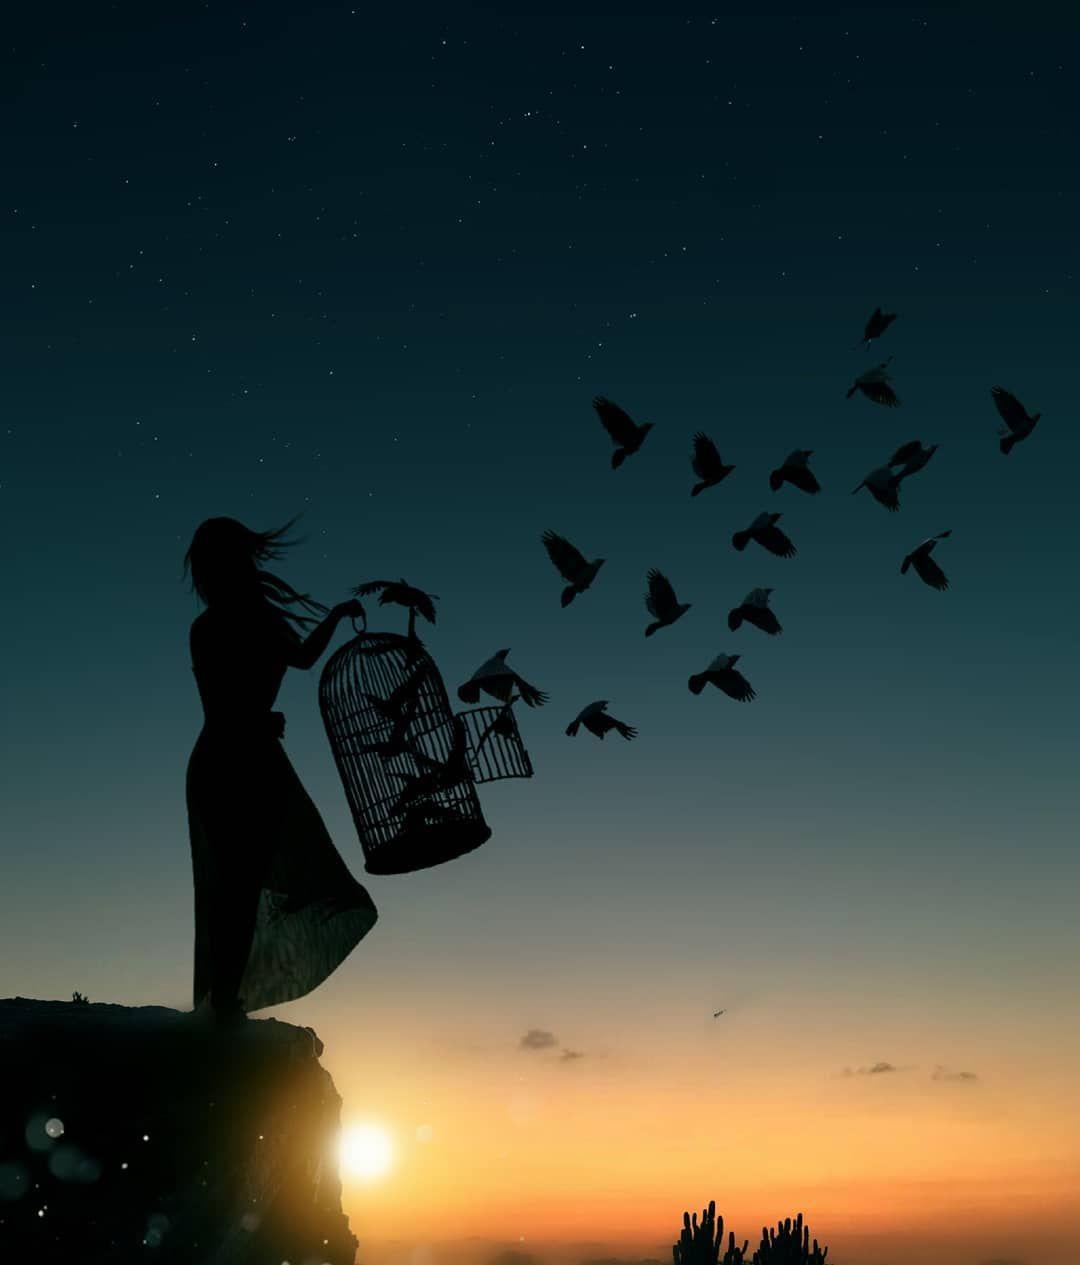 L'artiste turc Abdullah Evindar crée de fantastiques collages de photos de silhouette surréaliste   – Duvar Kağıdı